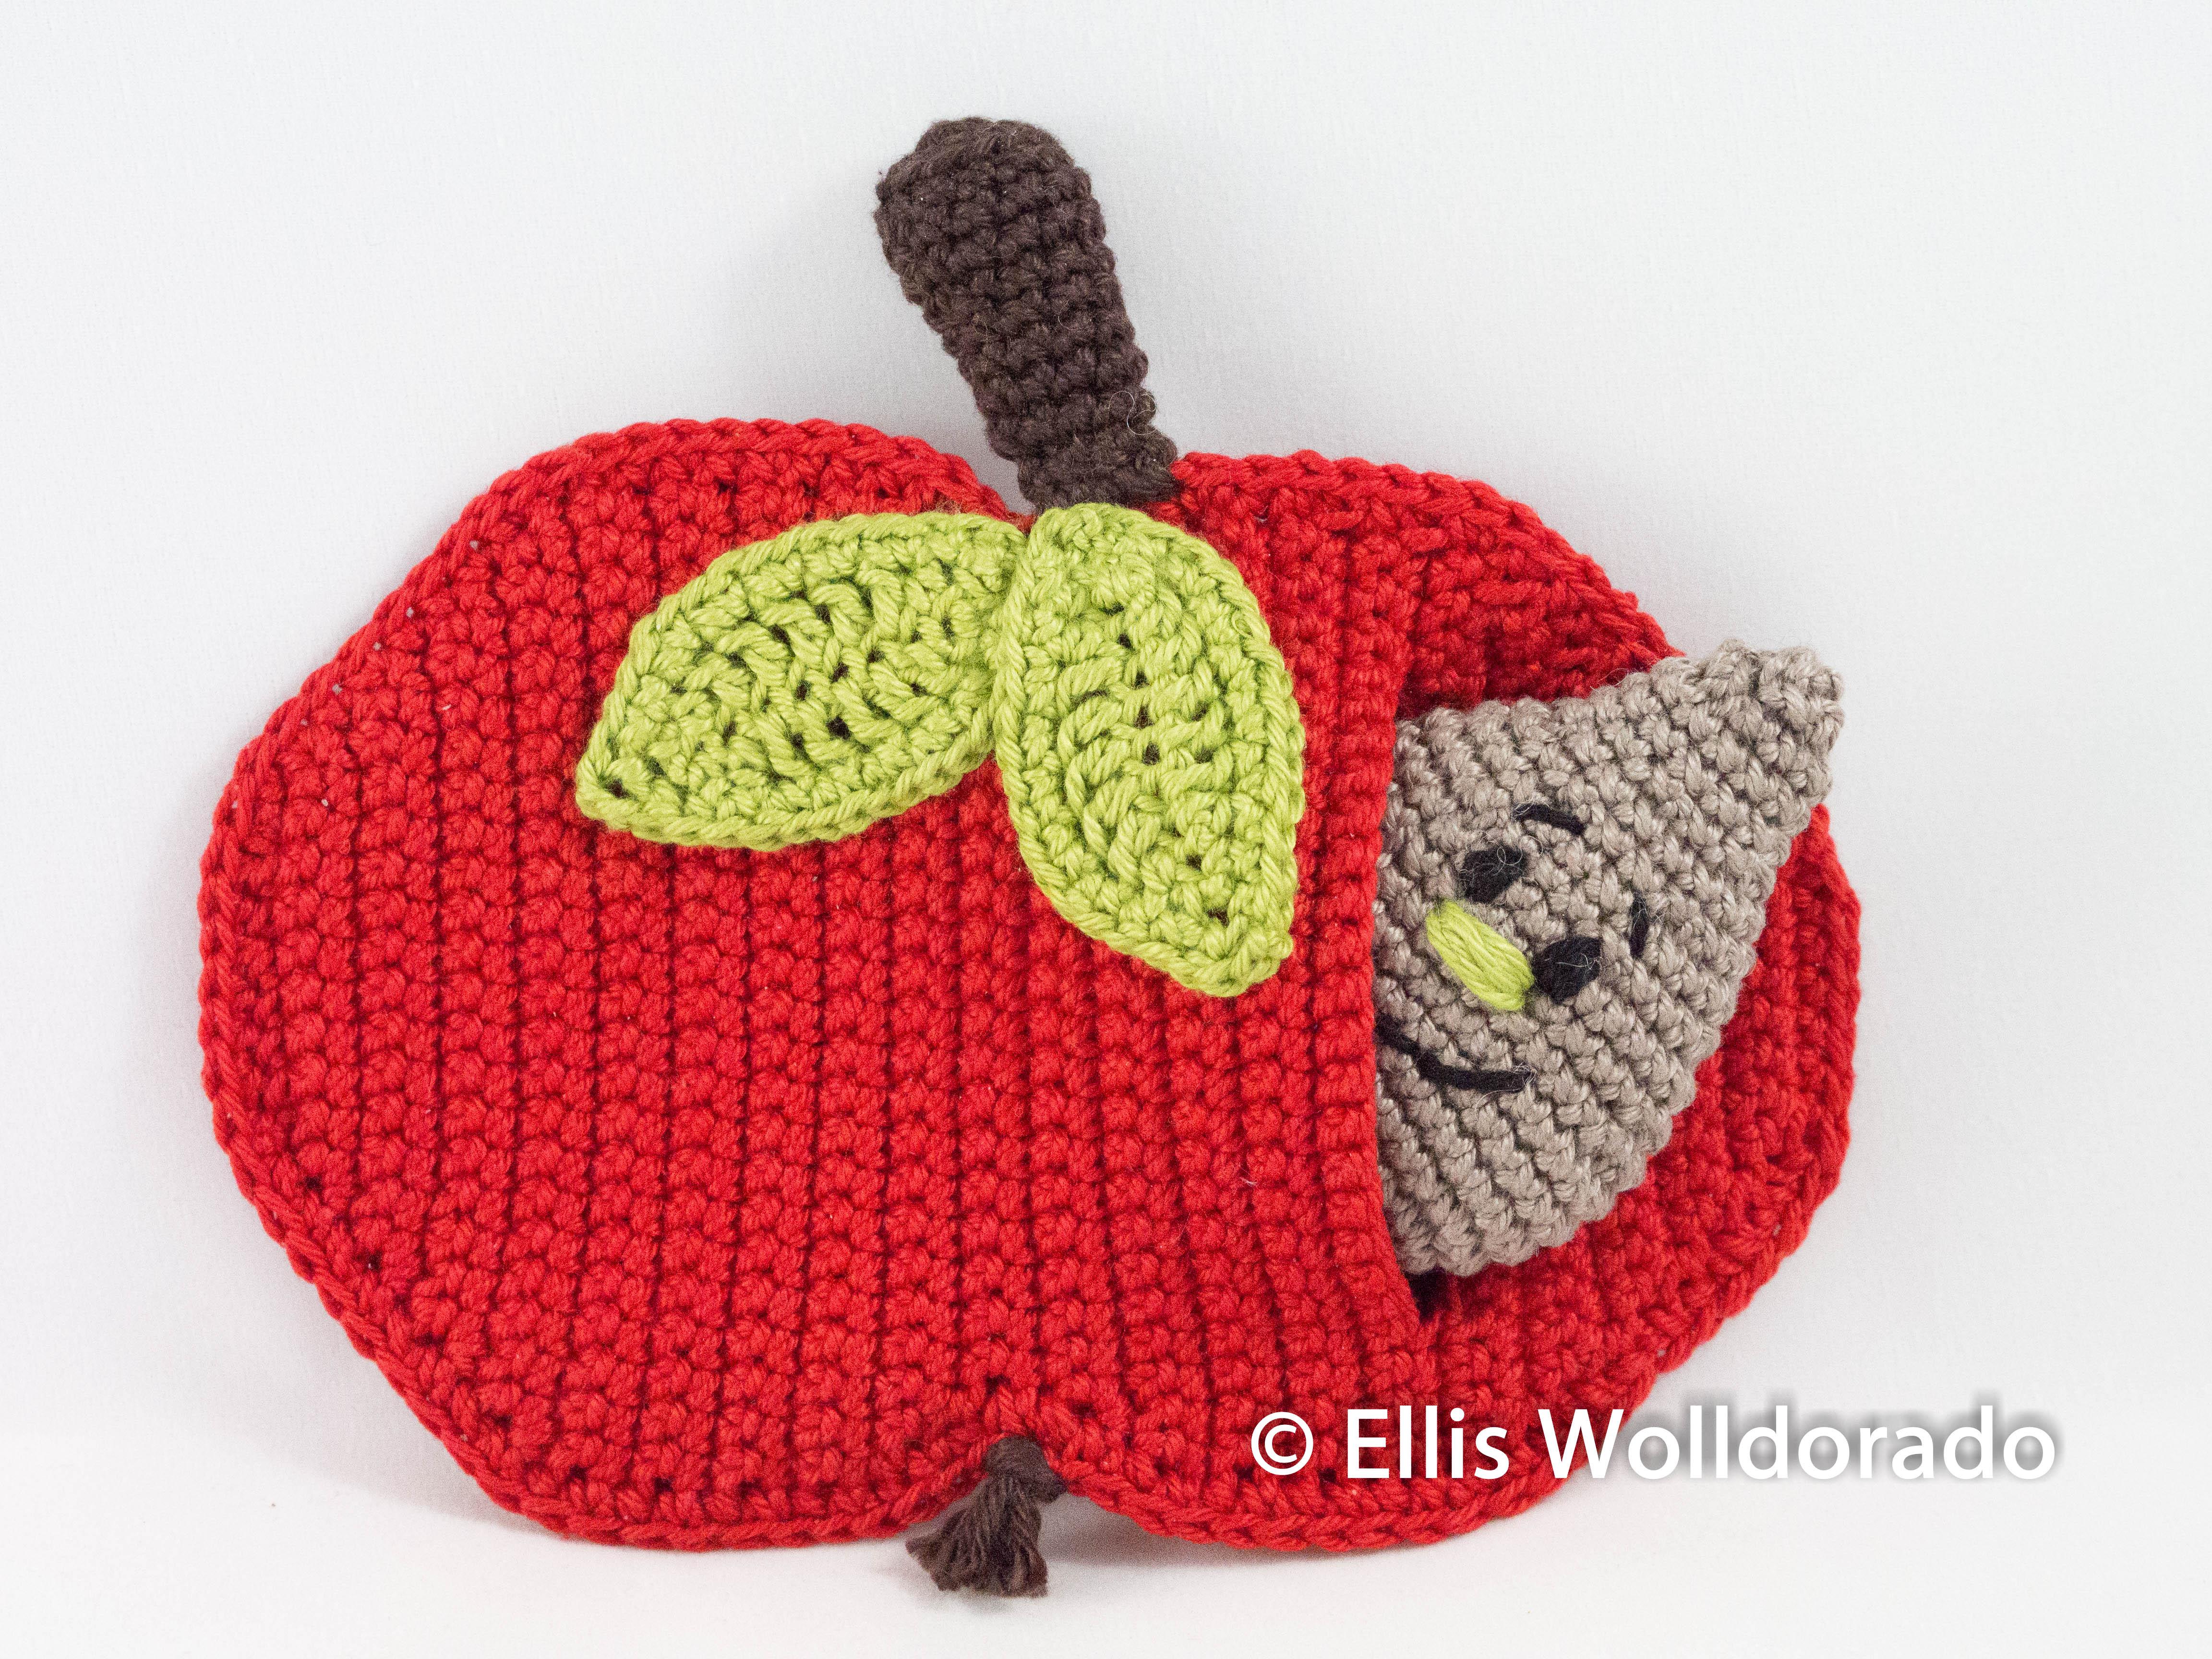 Apfel häkeln - Anleitung für Amigurumi Früchte   Obst häkeln ...   3456x4608